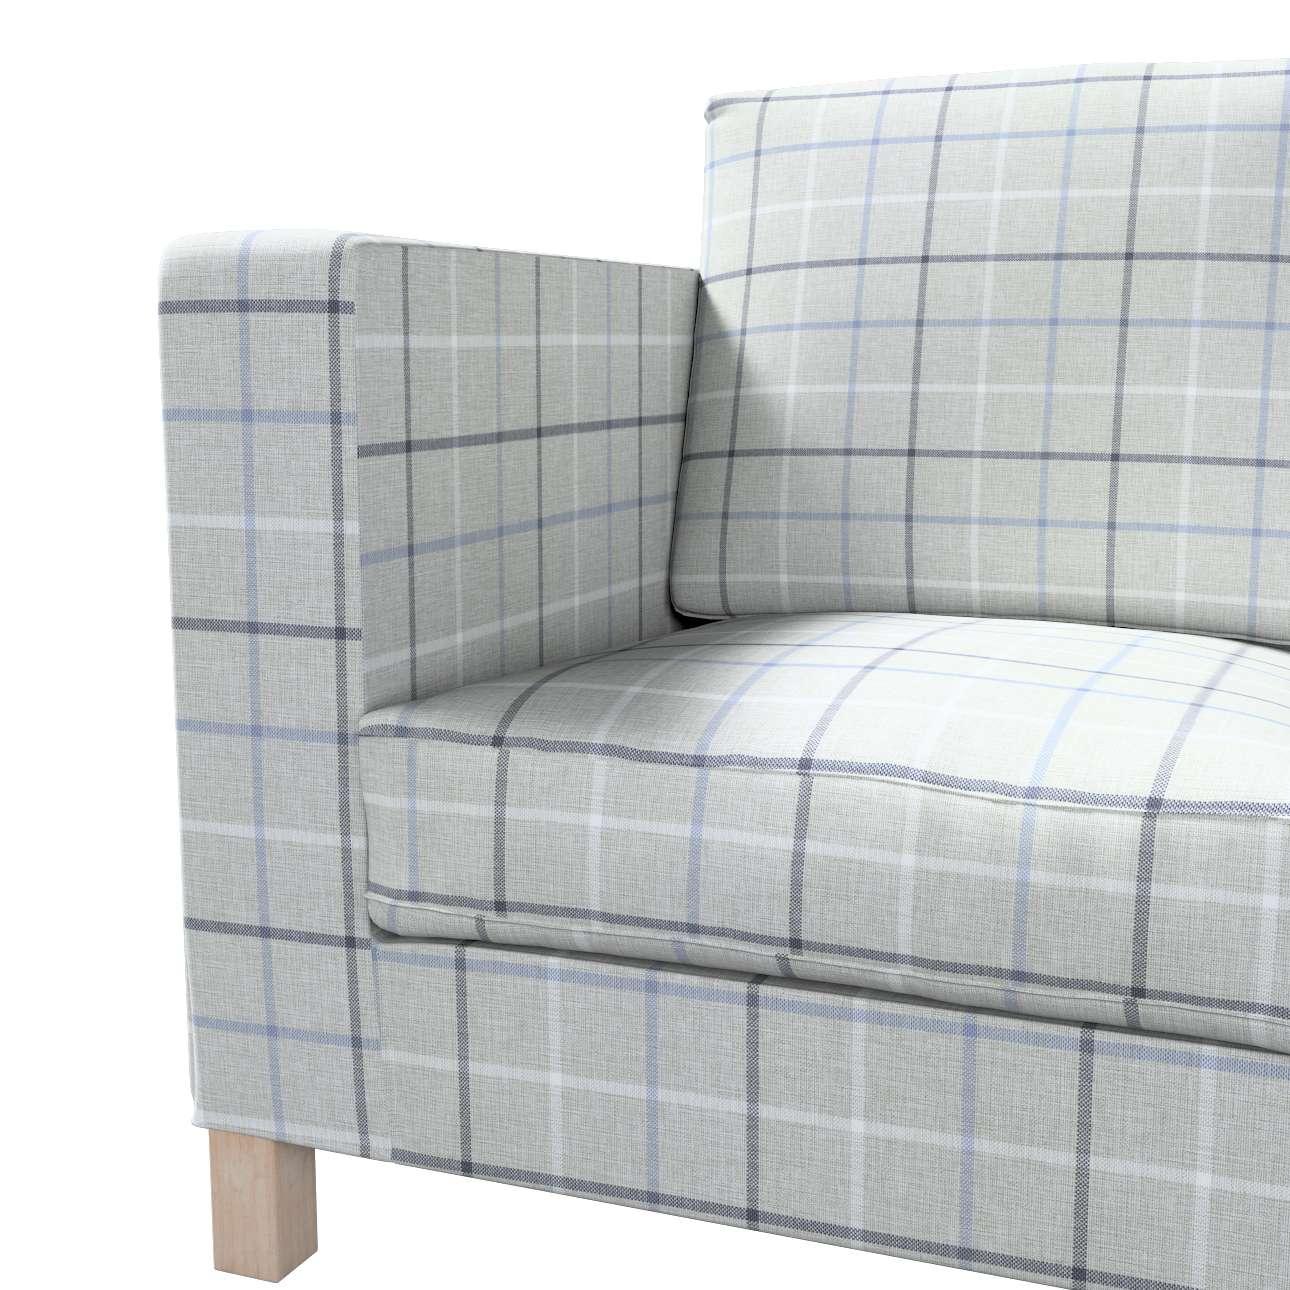 Karlanda klädsel <br>3-sits soffa - kort klädsel i kollektionen Edinburgh, Tyg: 703-18